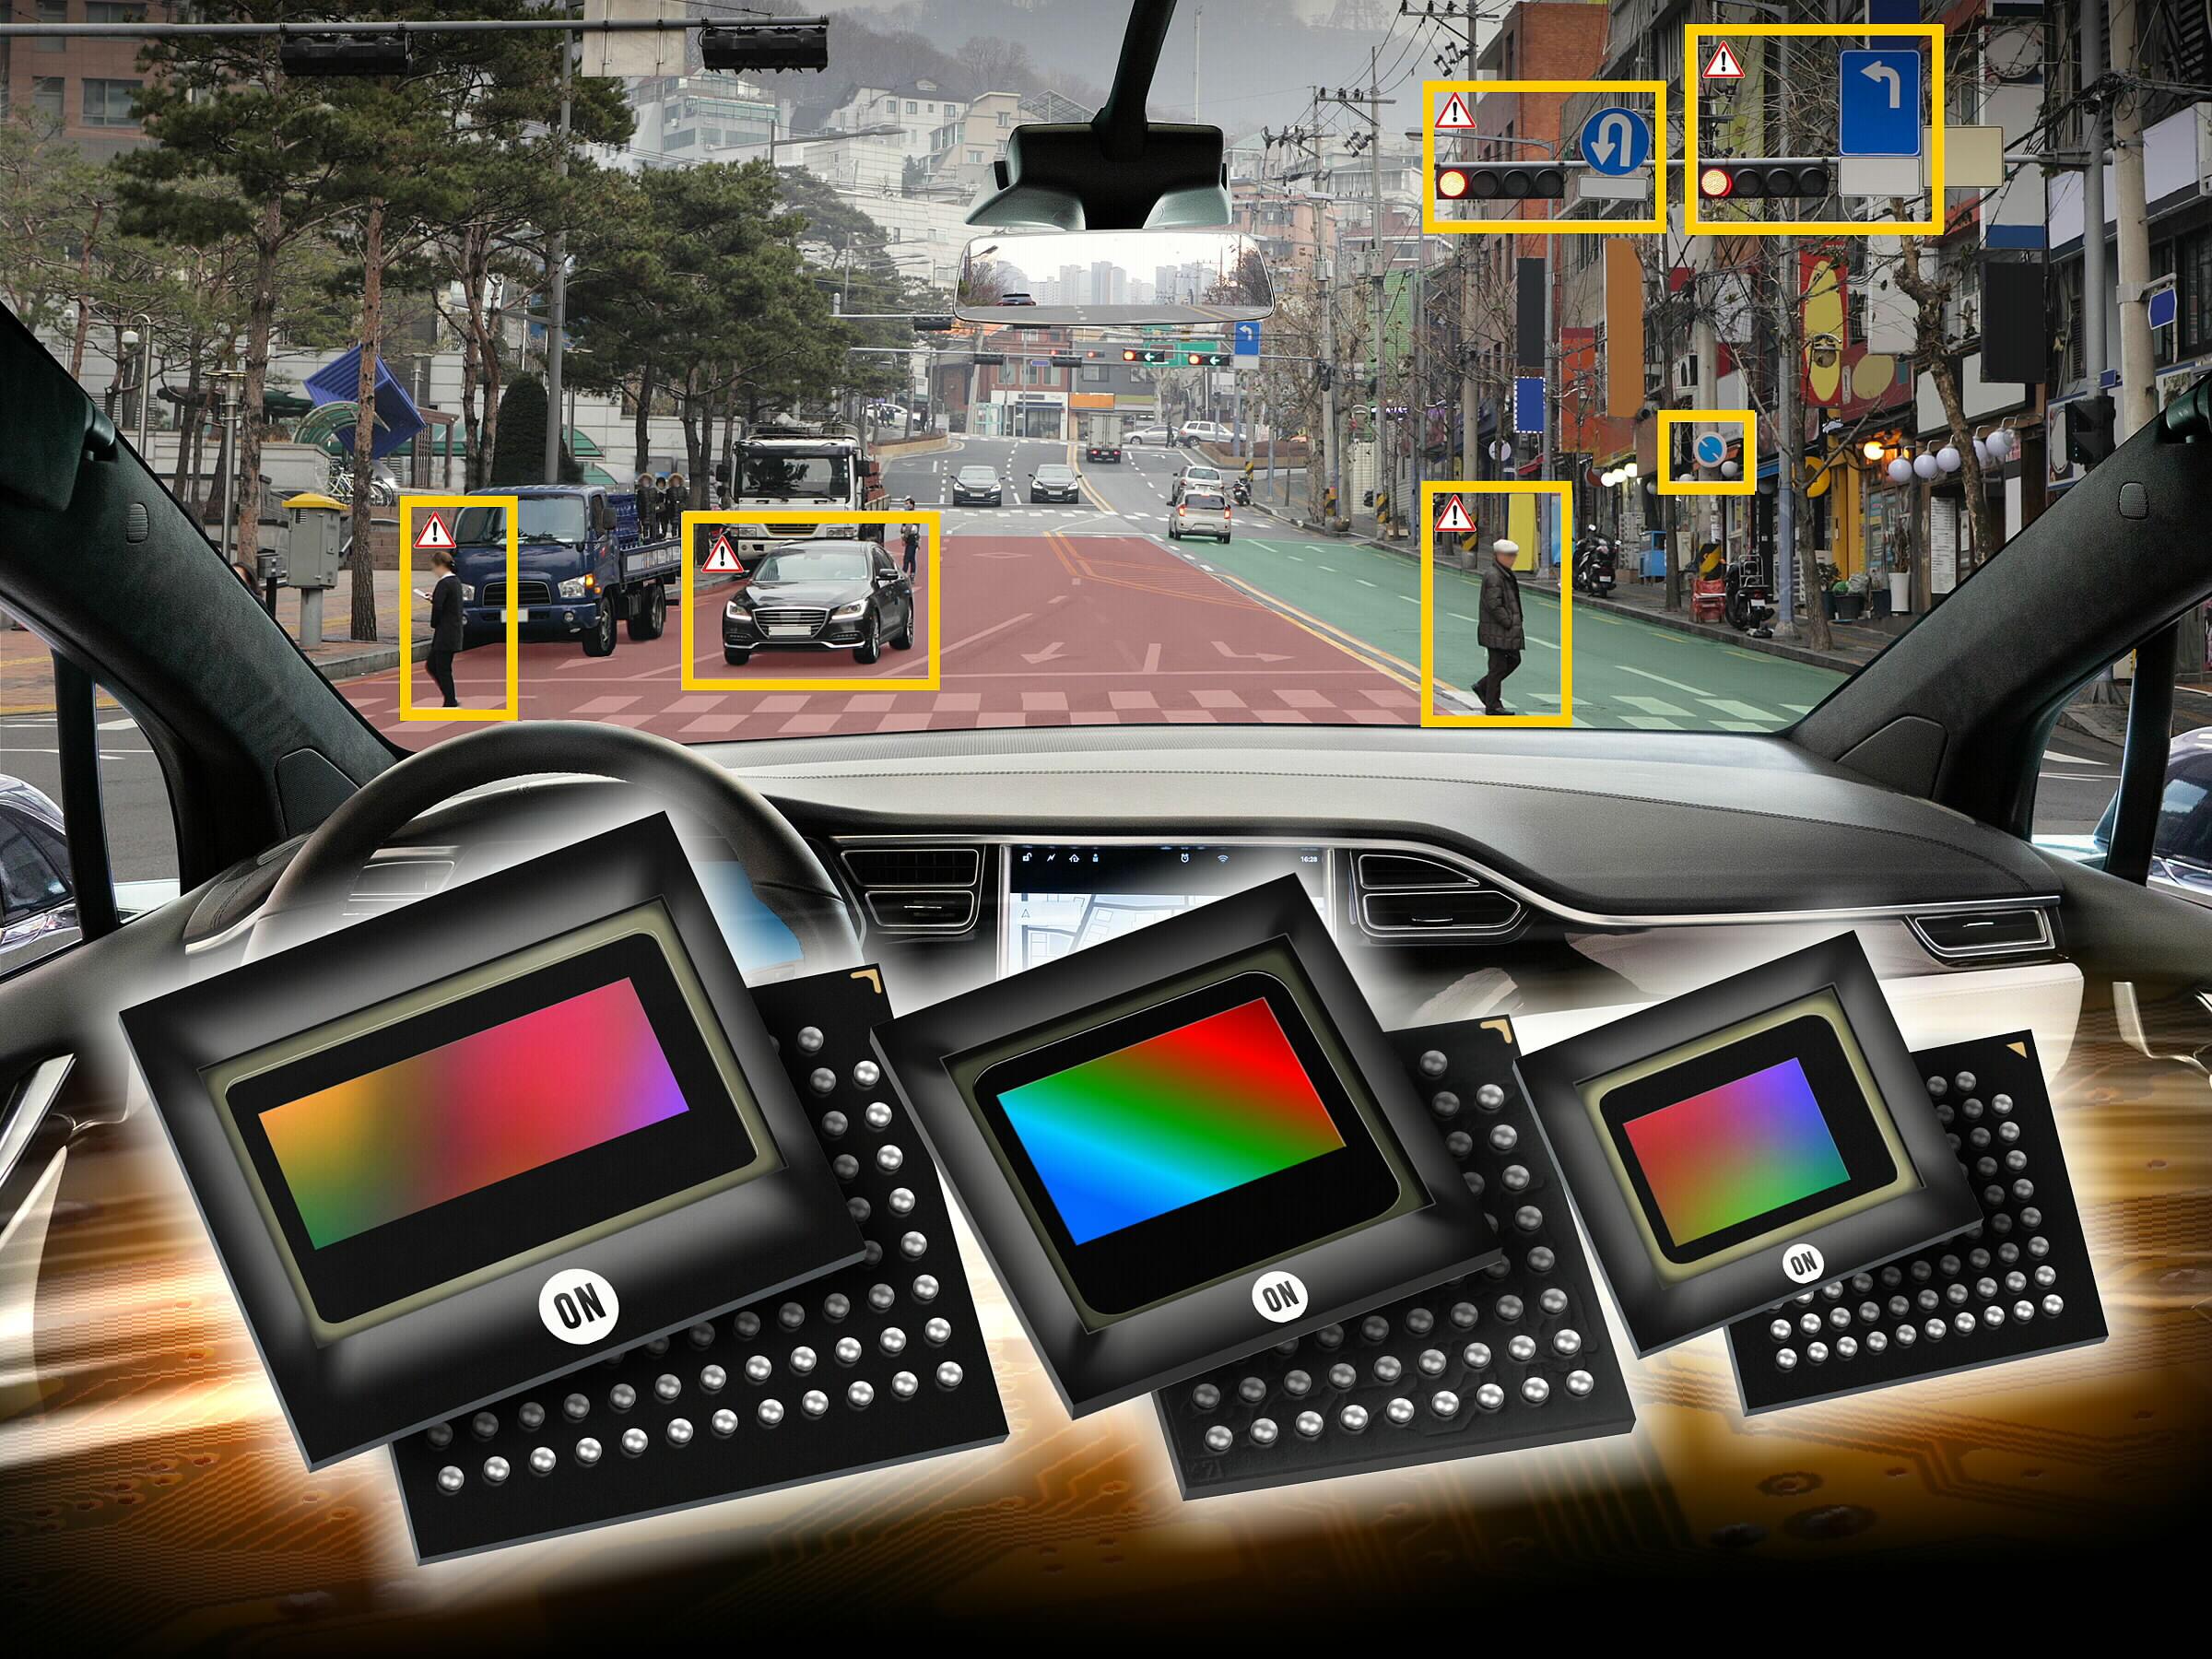 安森美半导体在AutoSens 2019展示 汽车CMOS图像传感器、雷达方案